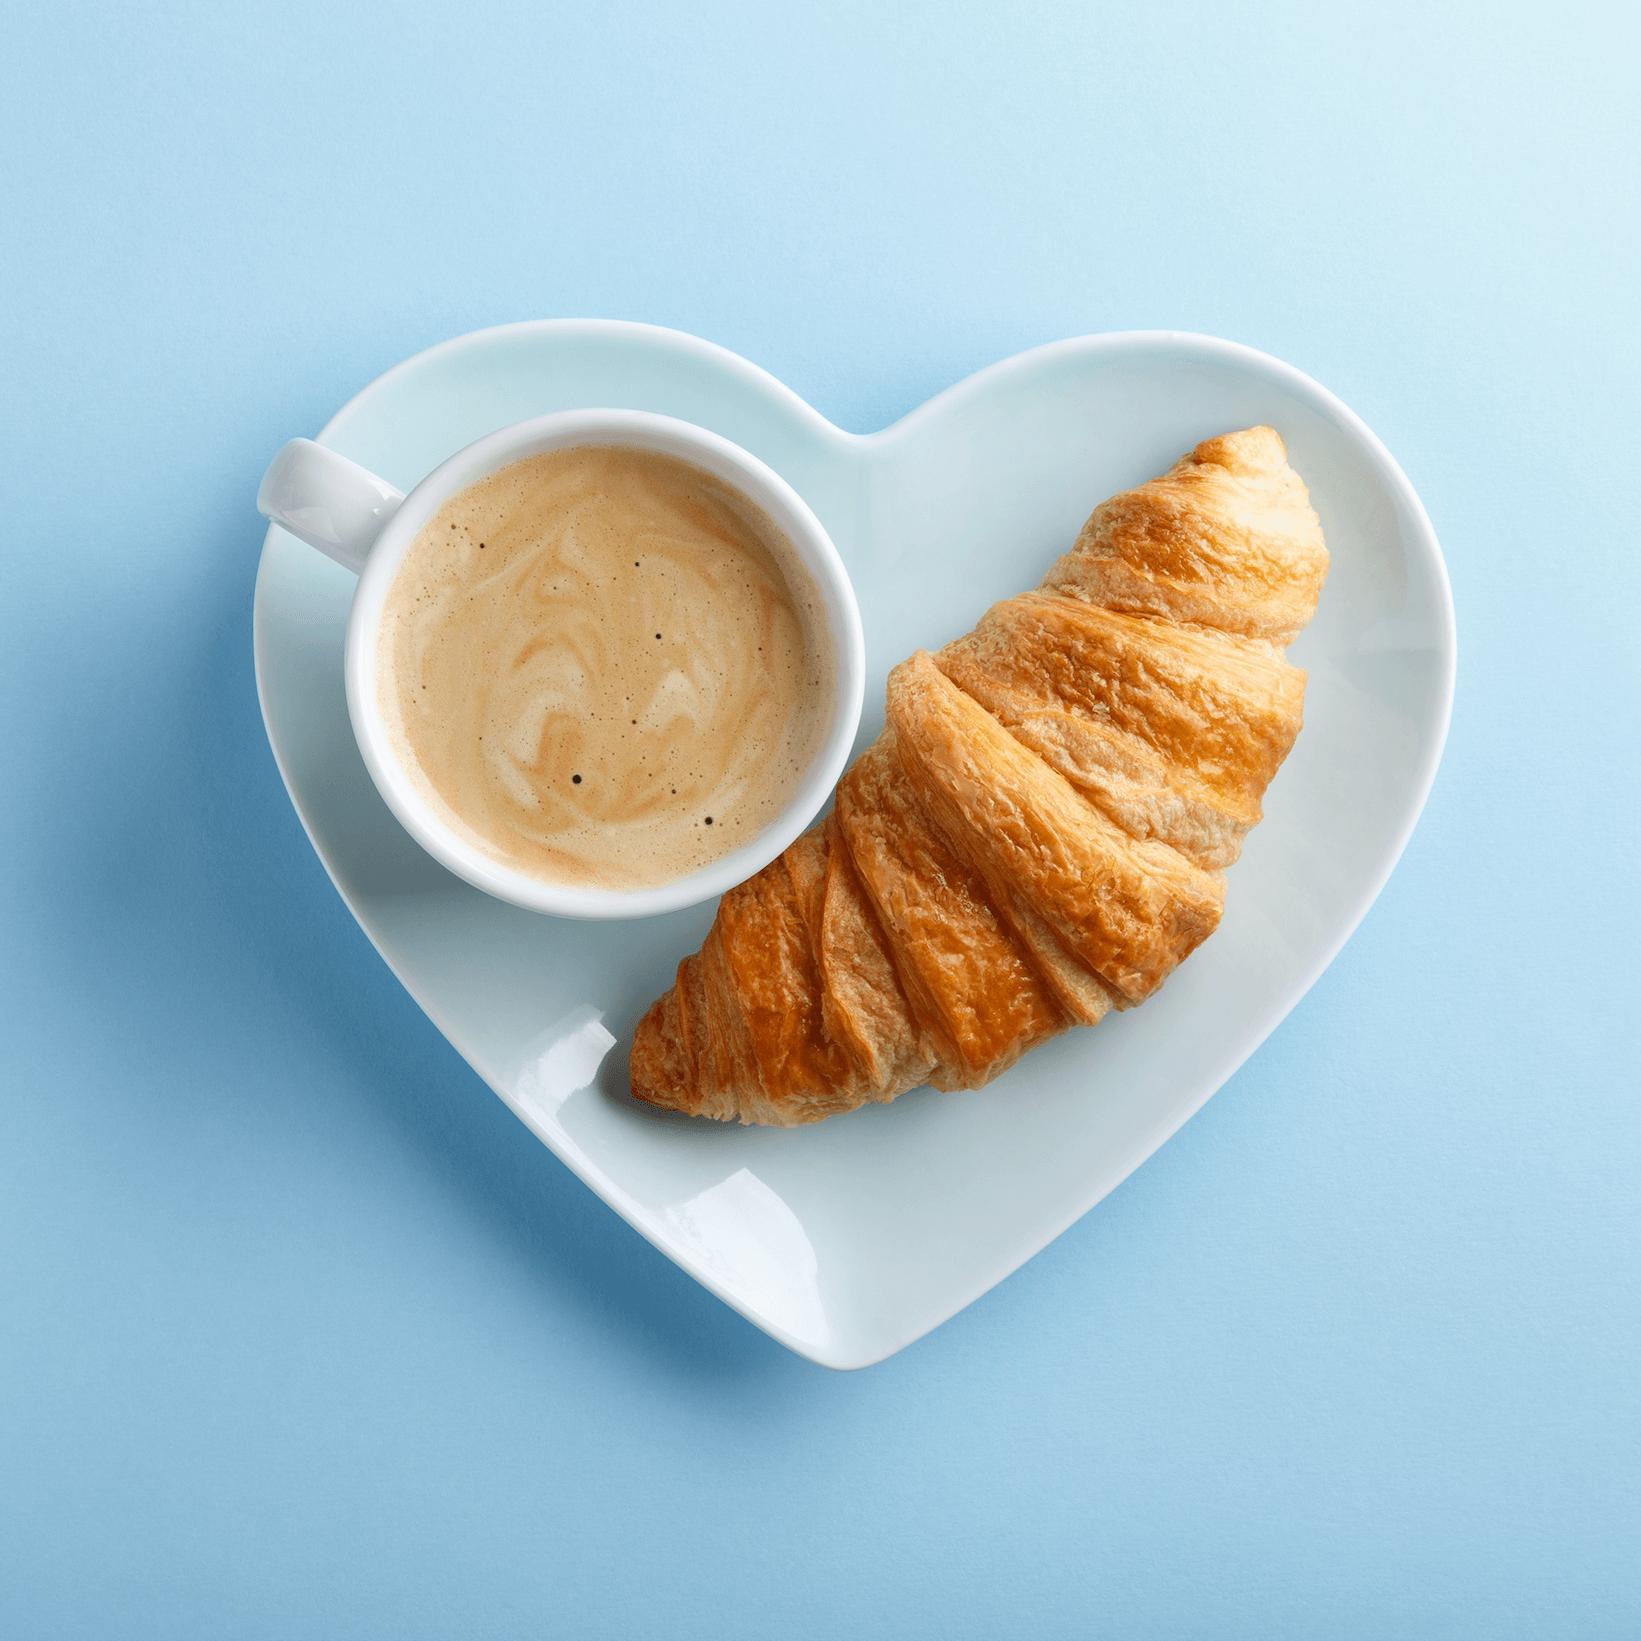 café croissant sur une assiette en forme de coeur